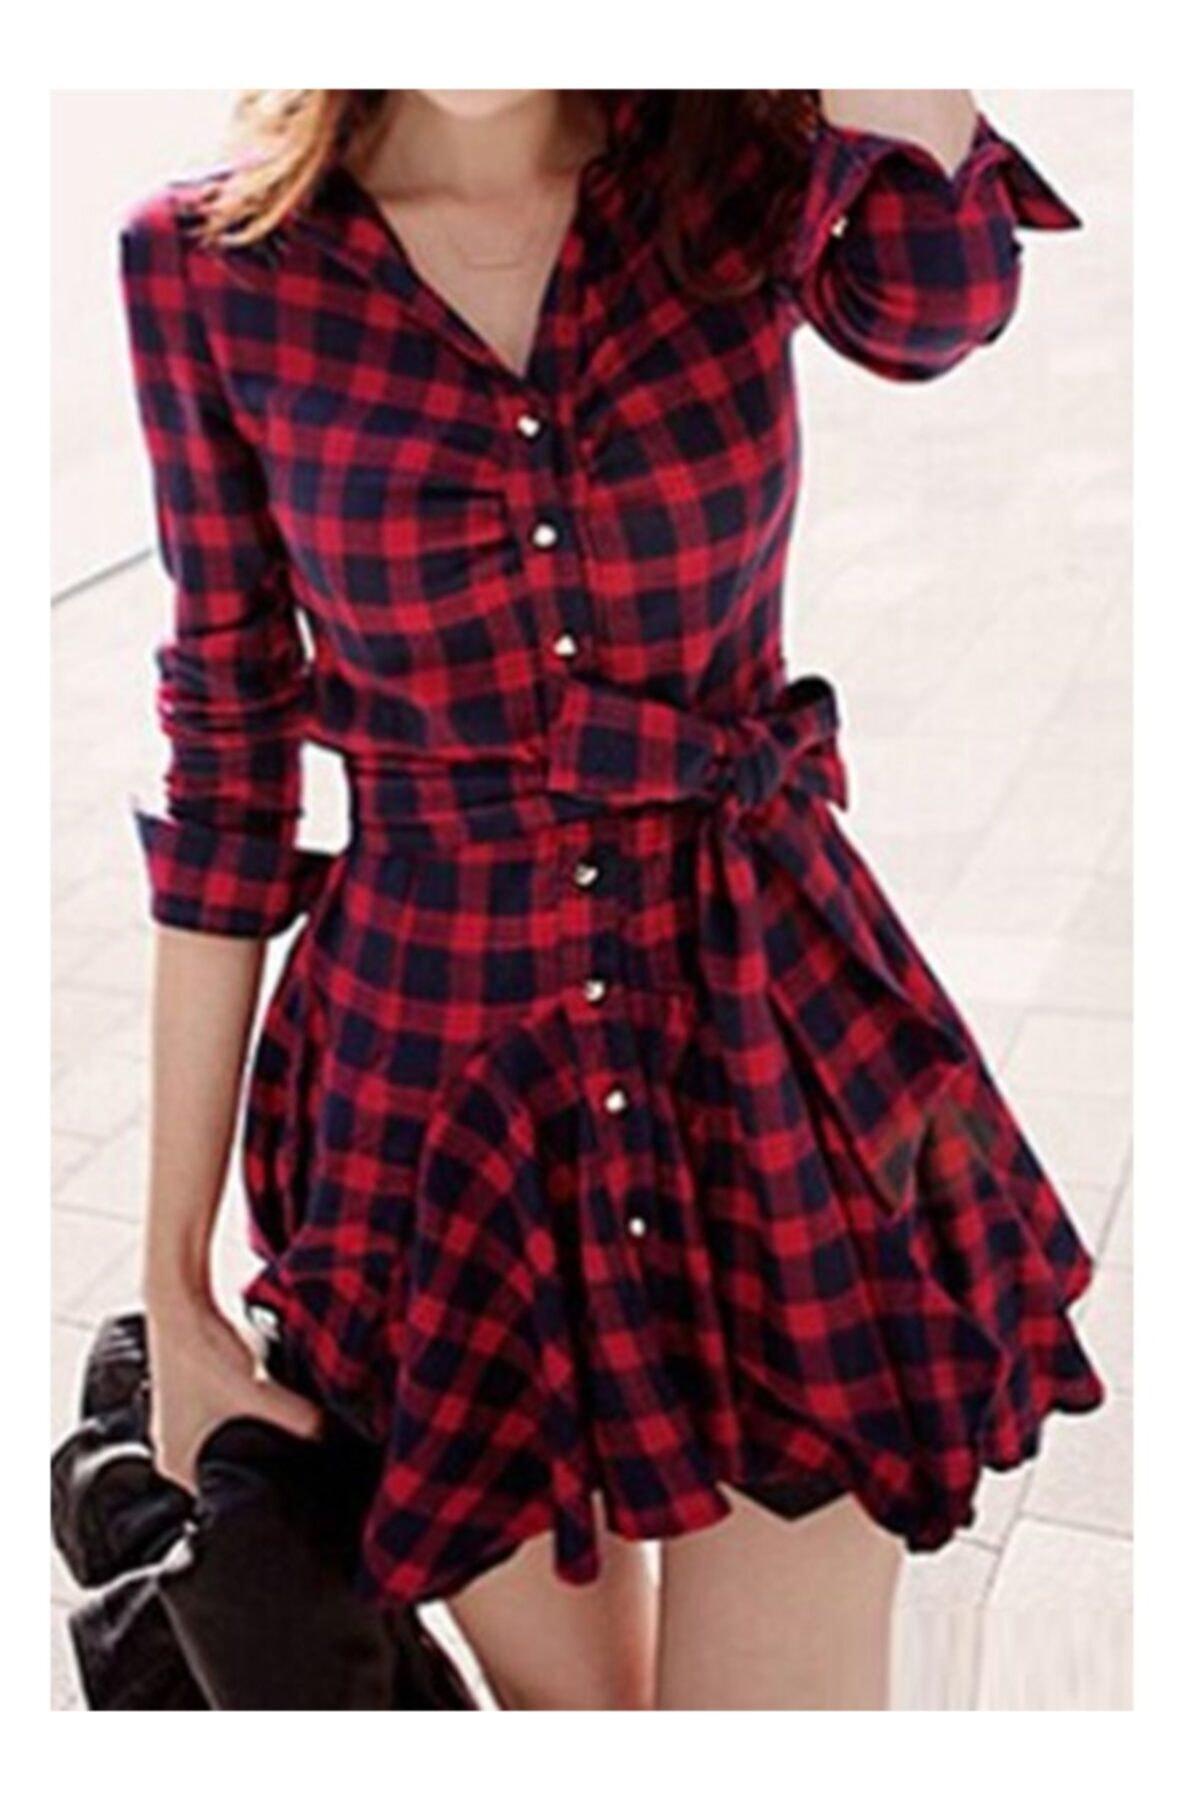 lovebox Kadın Ekose Desenli Kırmızı Tunik Gömlek Elbise 1